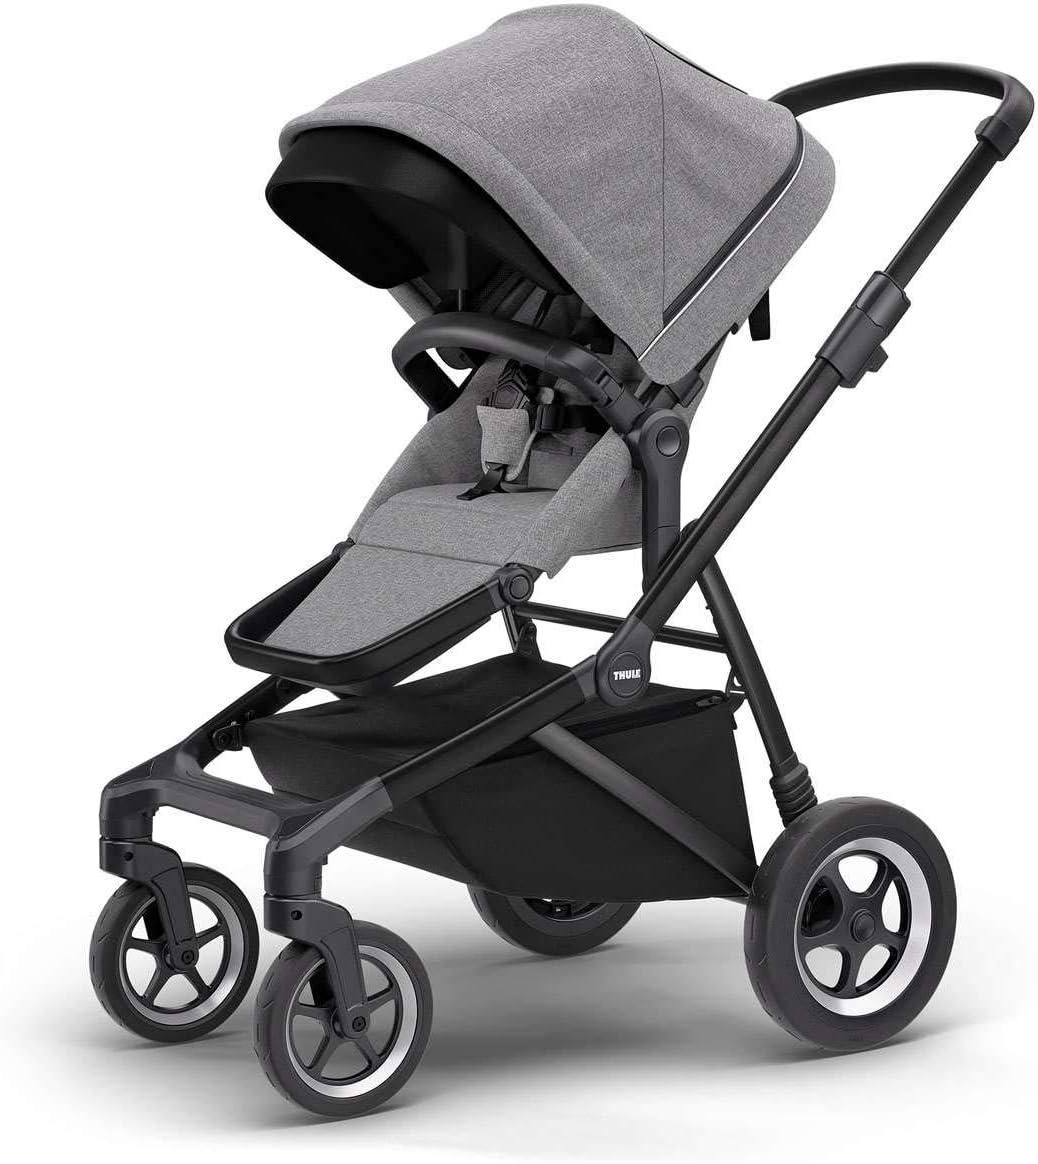 Thule Sleek Stroller - Grey Melange/Black - 11000021